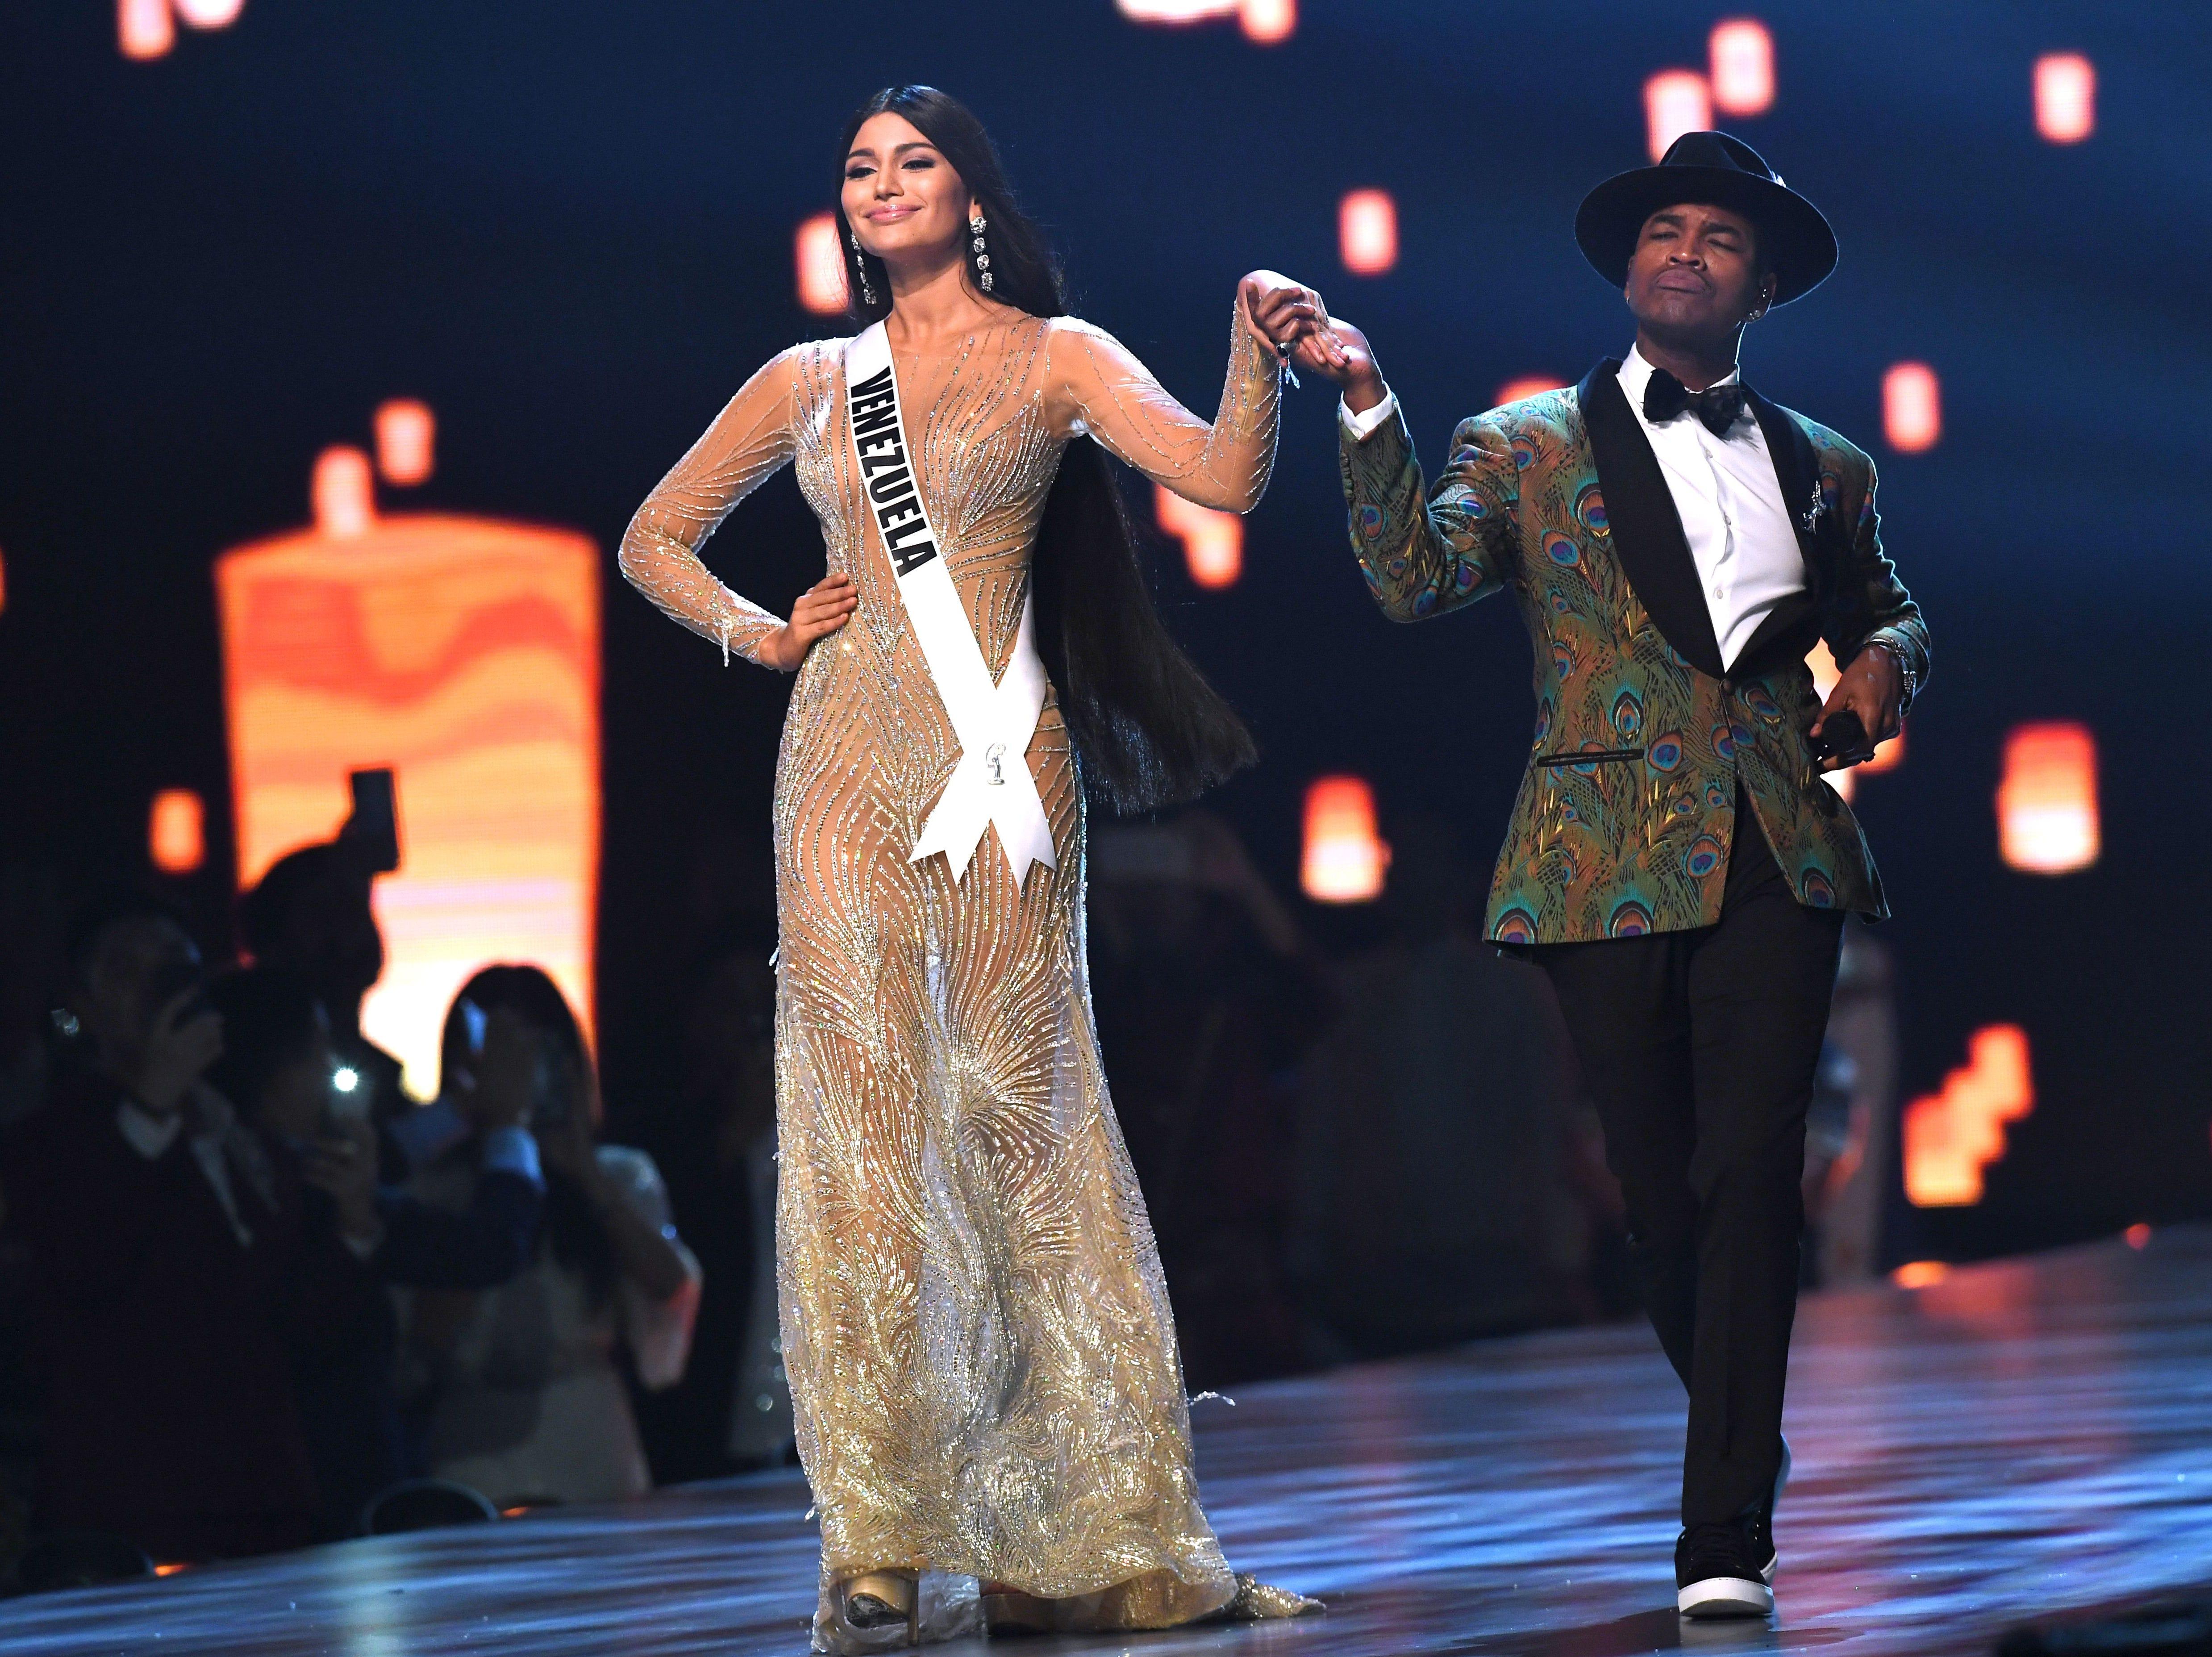 Sthefany Gutiérrez (izq) de Venezuela se toma de la mano mientras el artista estadounidense Ne-Yo se presenta en el escenario durante el concurso Miss Universo 2018 en Bangkok el 17 de diciembre de 2018.